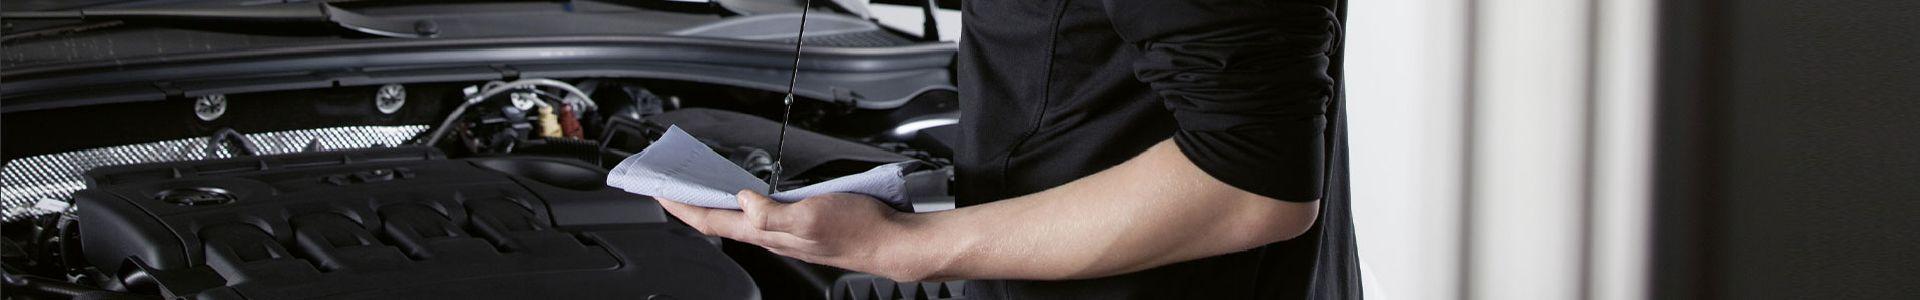 Zertifizierte Service- und Reparaturabteilung